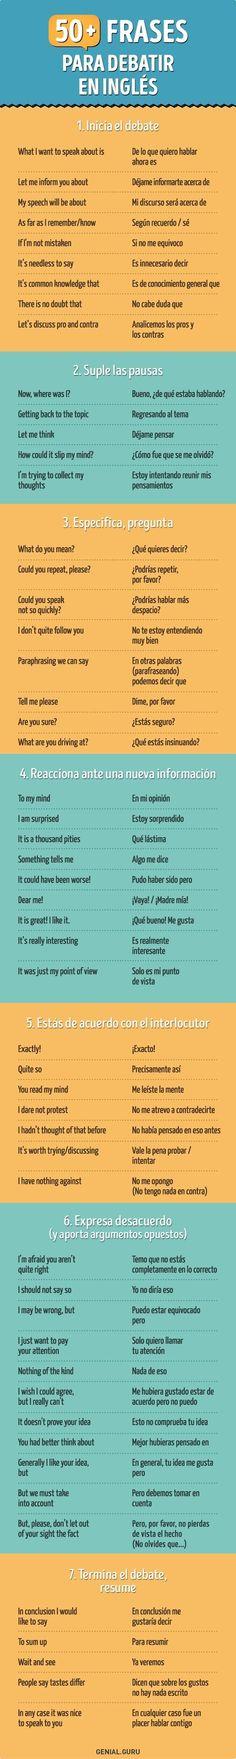 50 Frases para debatir en inglés